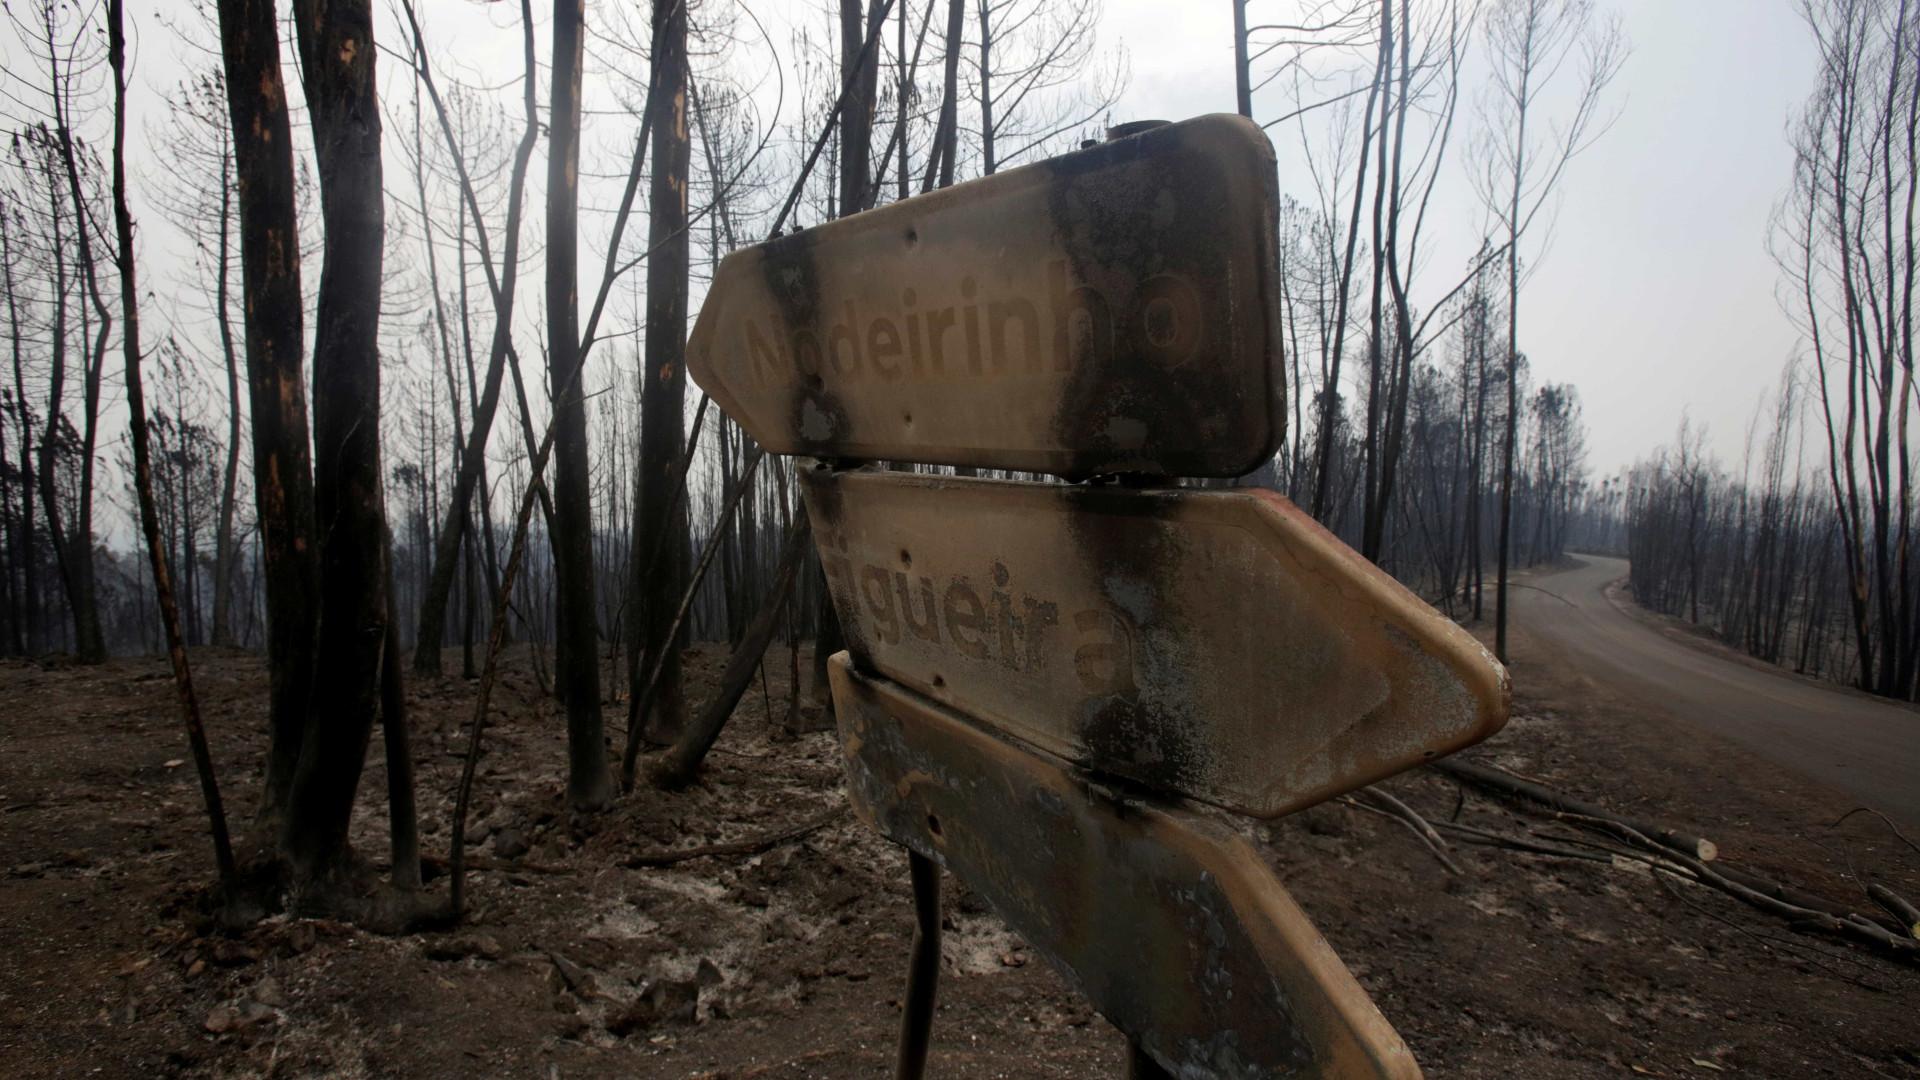 Incêndios: Abertos 40 estágios em municípios afetados no ano passado